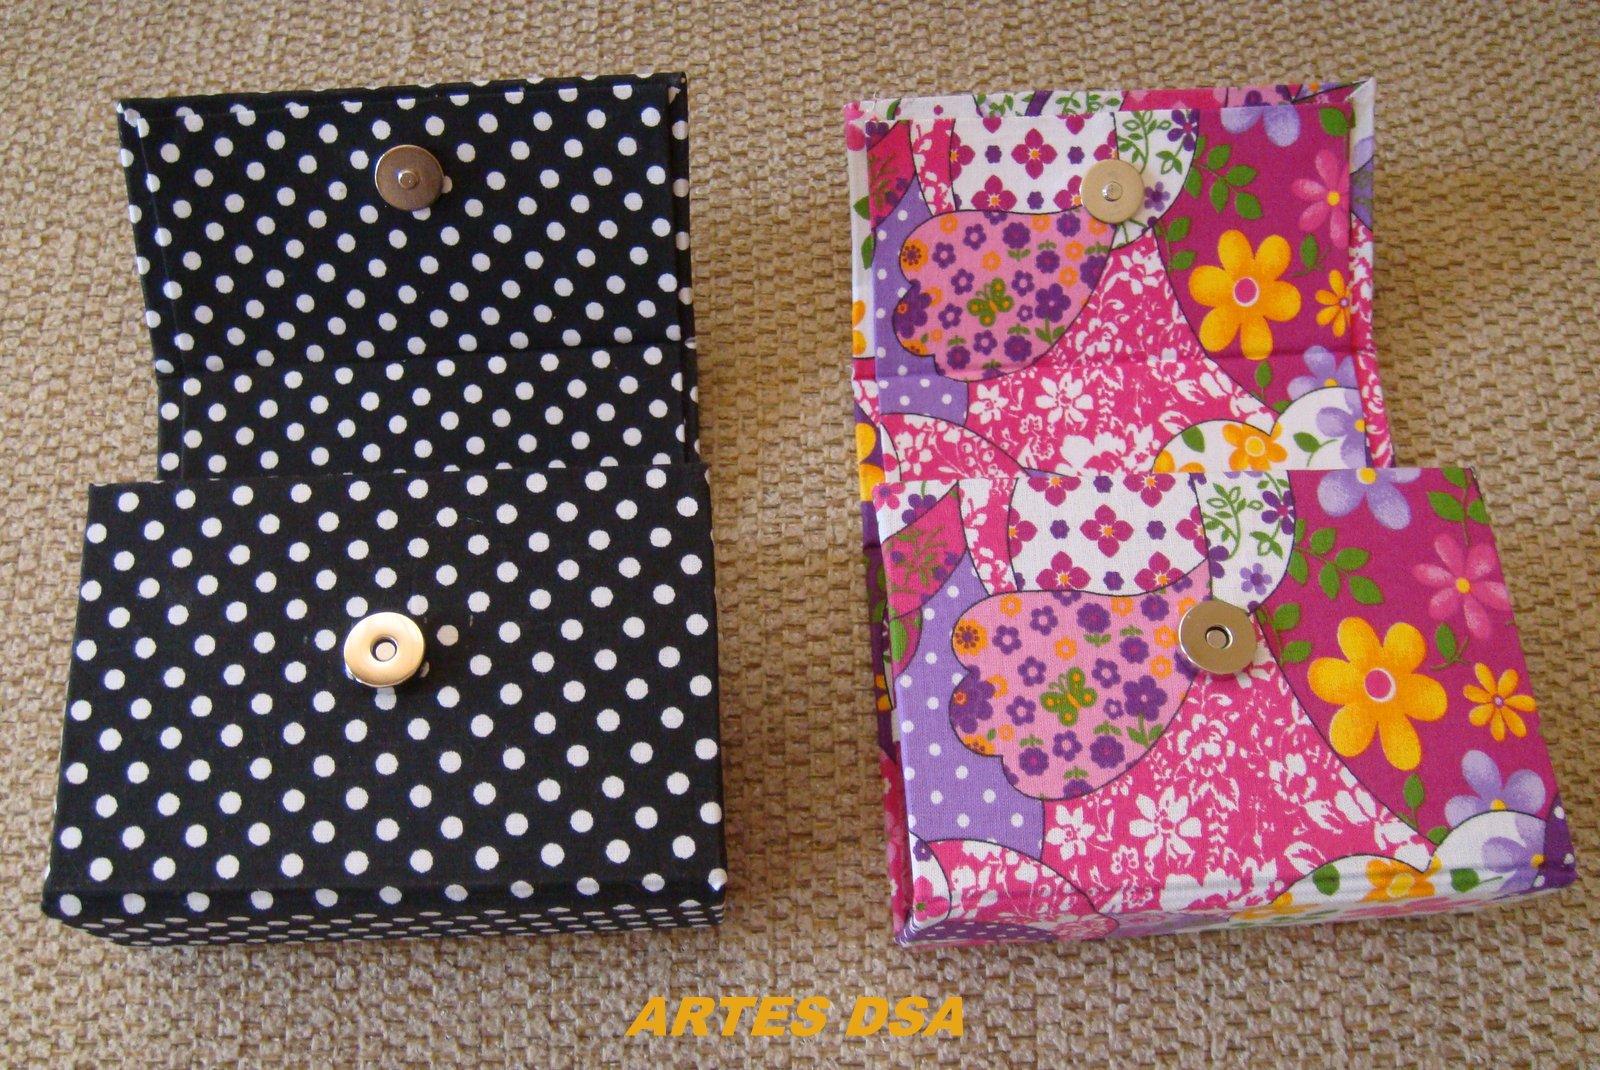 Bolsa Feita Em Cartonagem : Caixa de costura para bolsa em cartonagem car interior